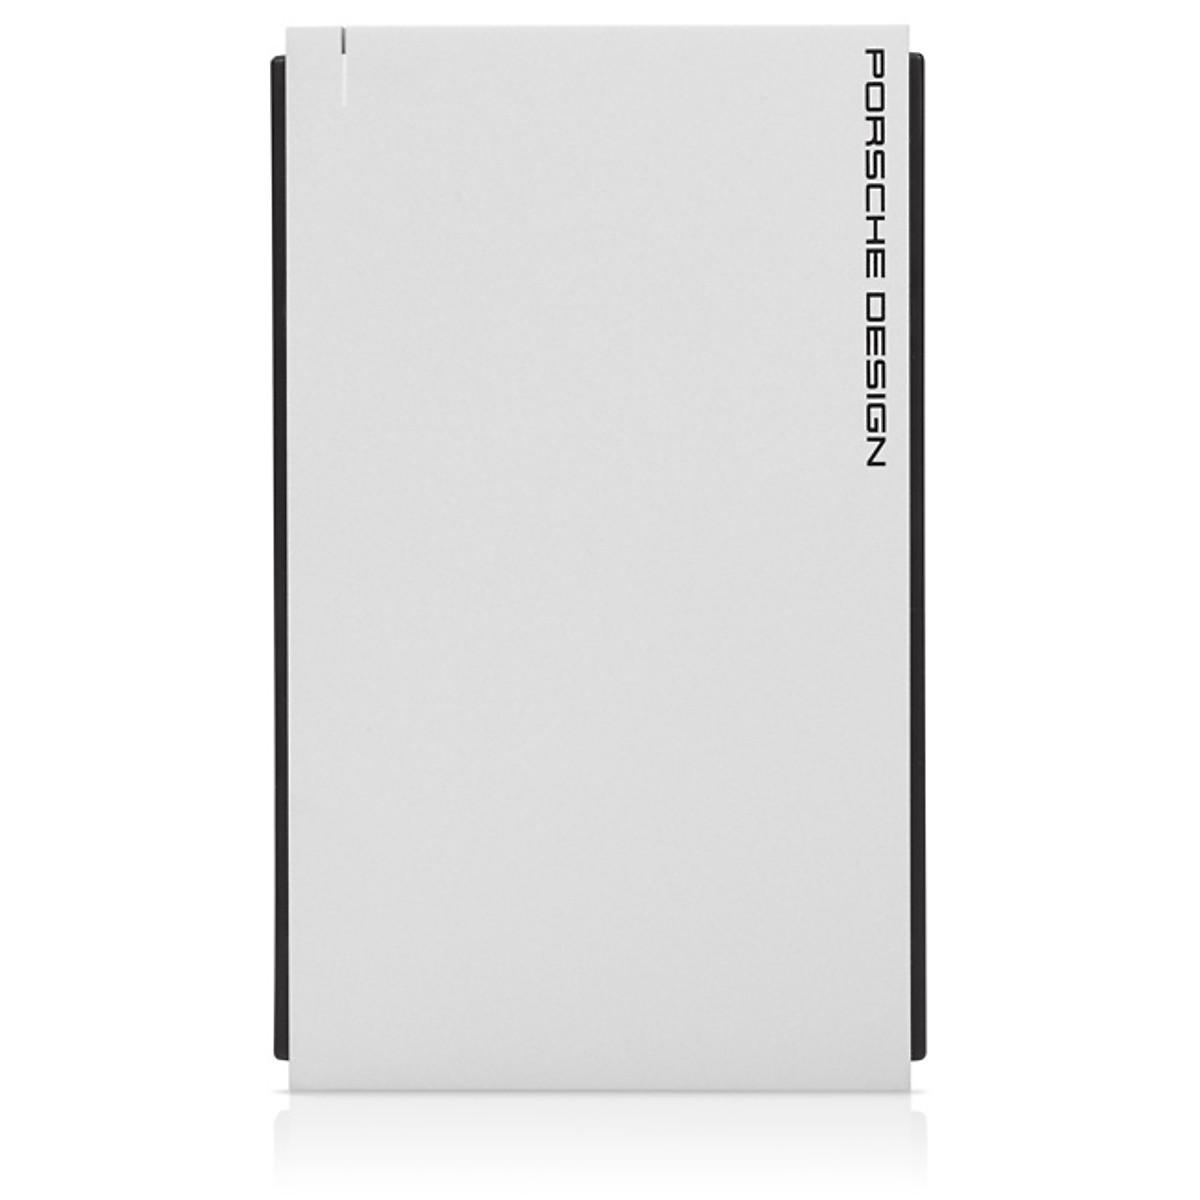 Ổ Cứng Di Động LaCie Porsche P'9223 1TB – USB 3.0 – Hàng chính hãng